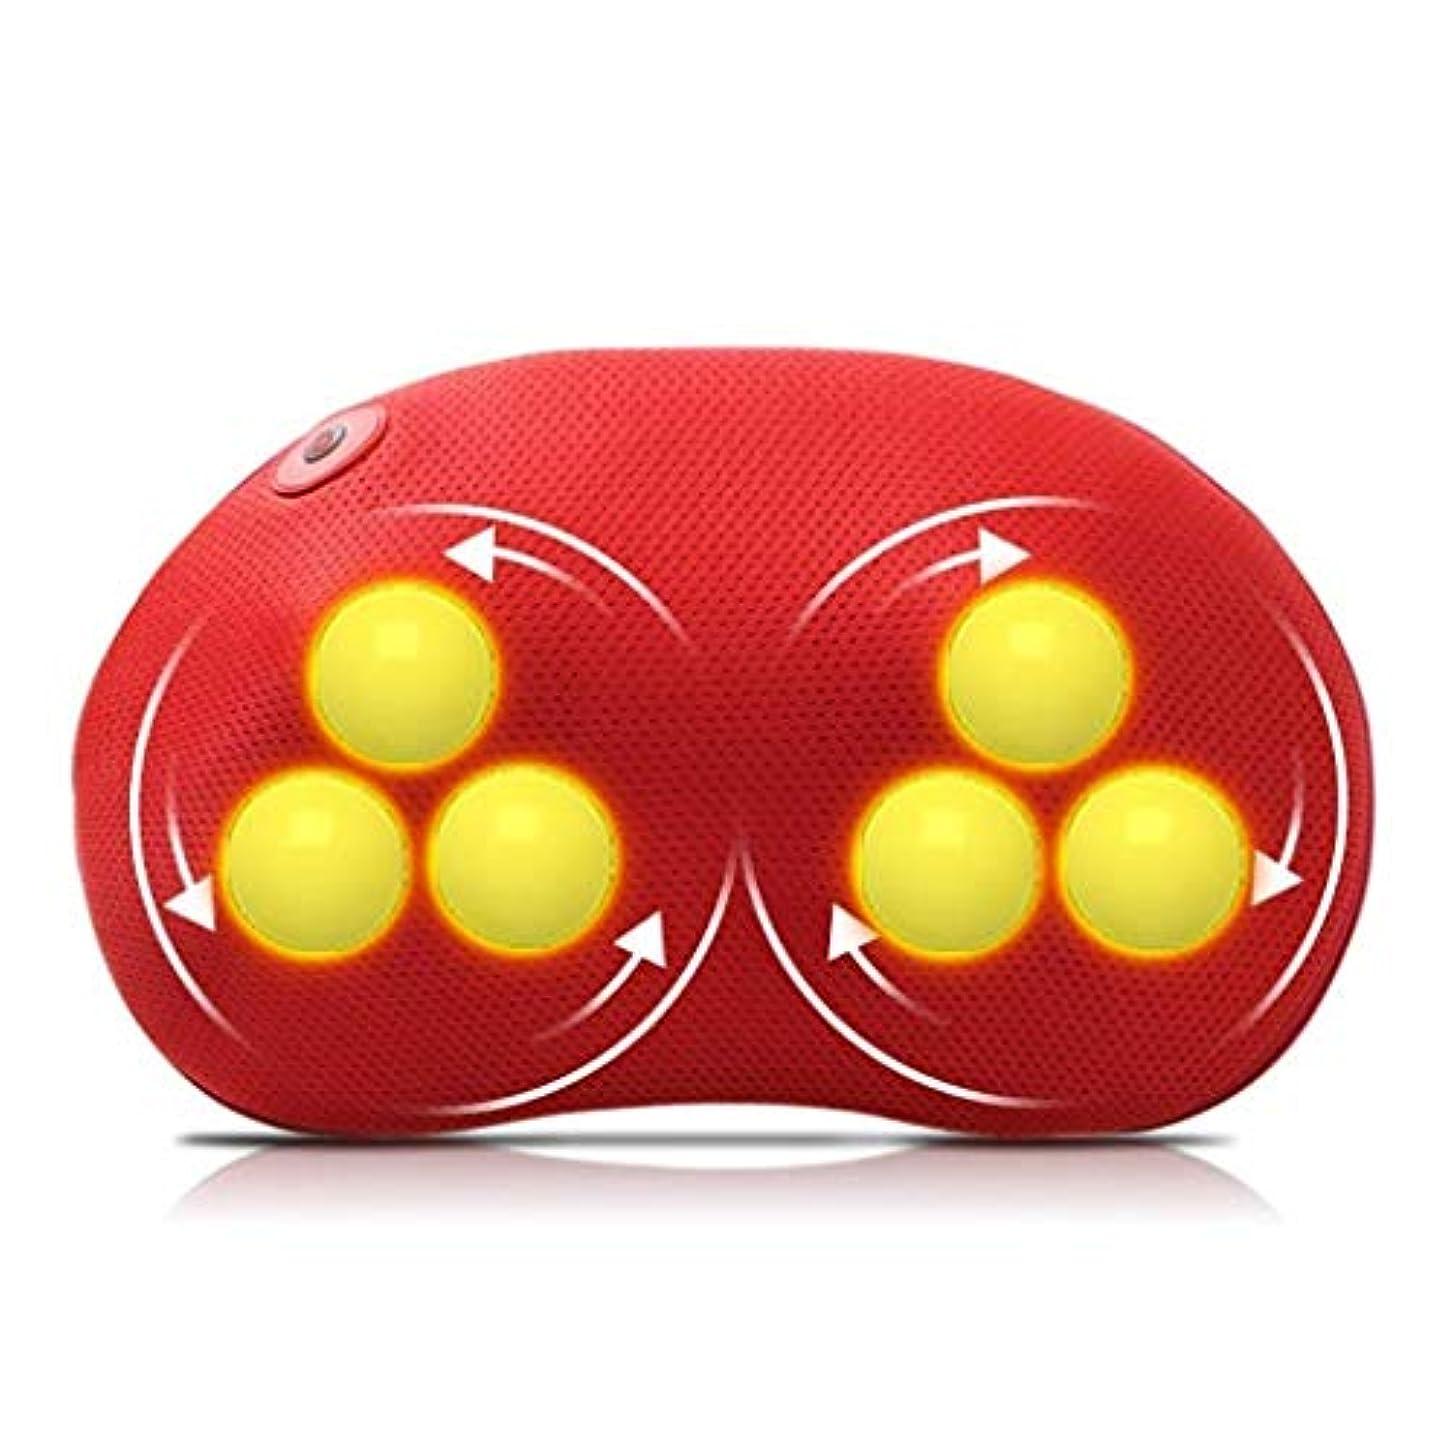 味理論的令状マッサージ枕、首と背中の3Dマッサージ、熱、深練り、首と背中、肩のリラクゼーション筋肉、ホームオフィスでの使用 (Color : 赤)